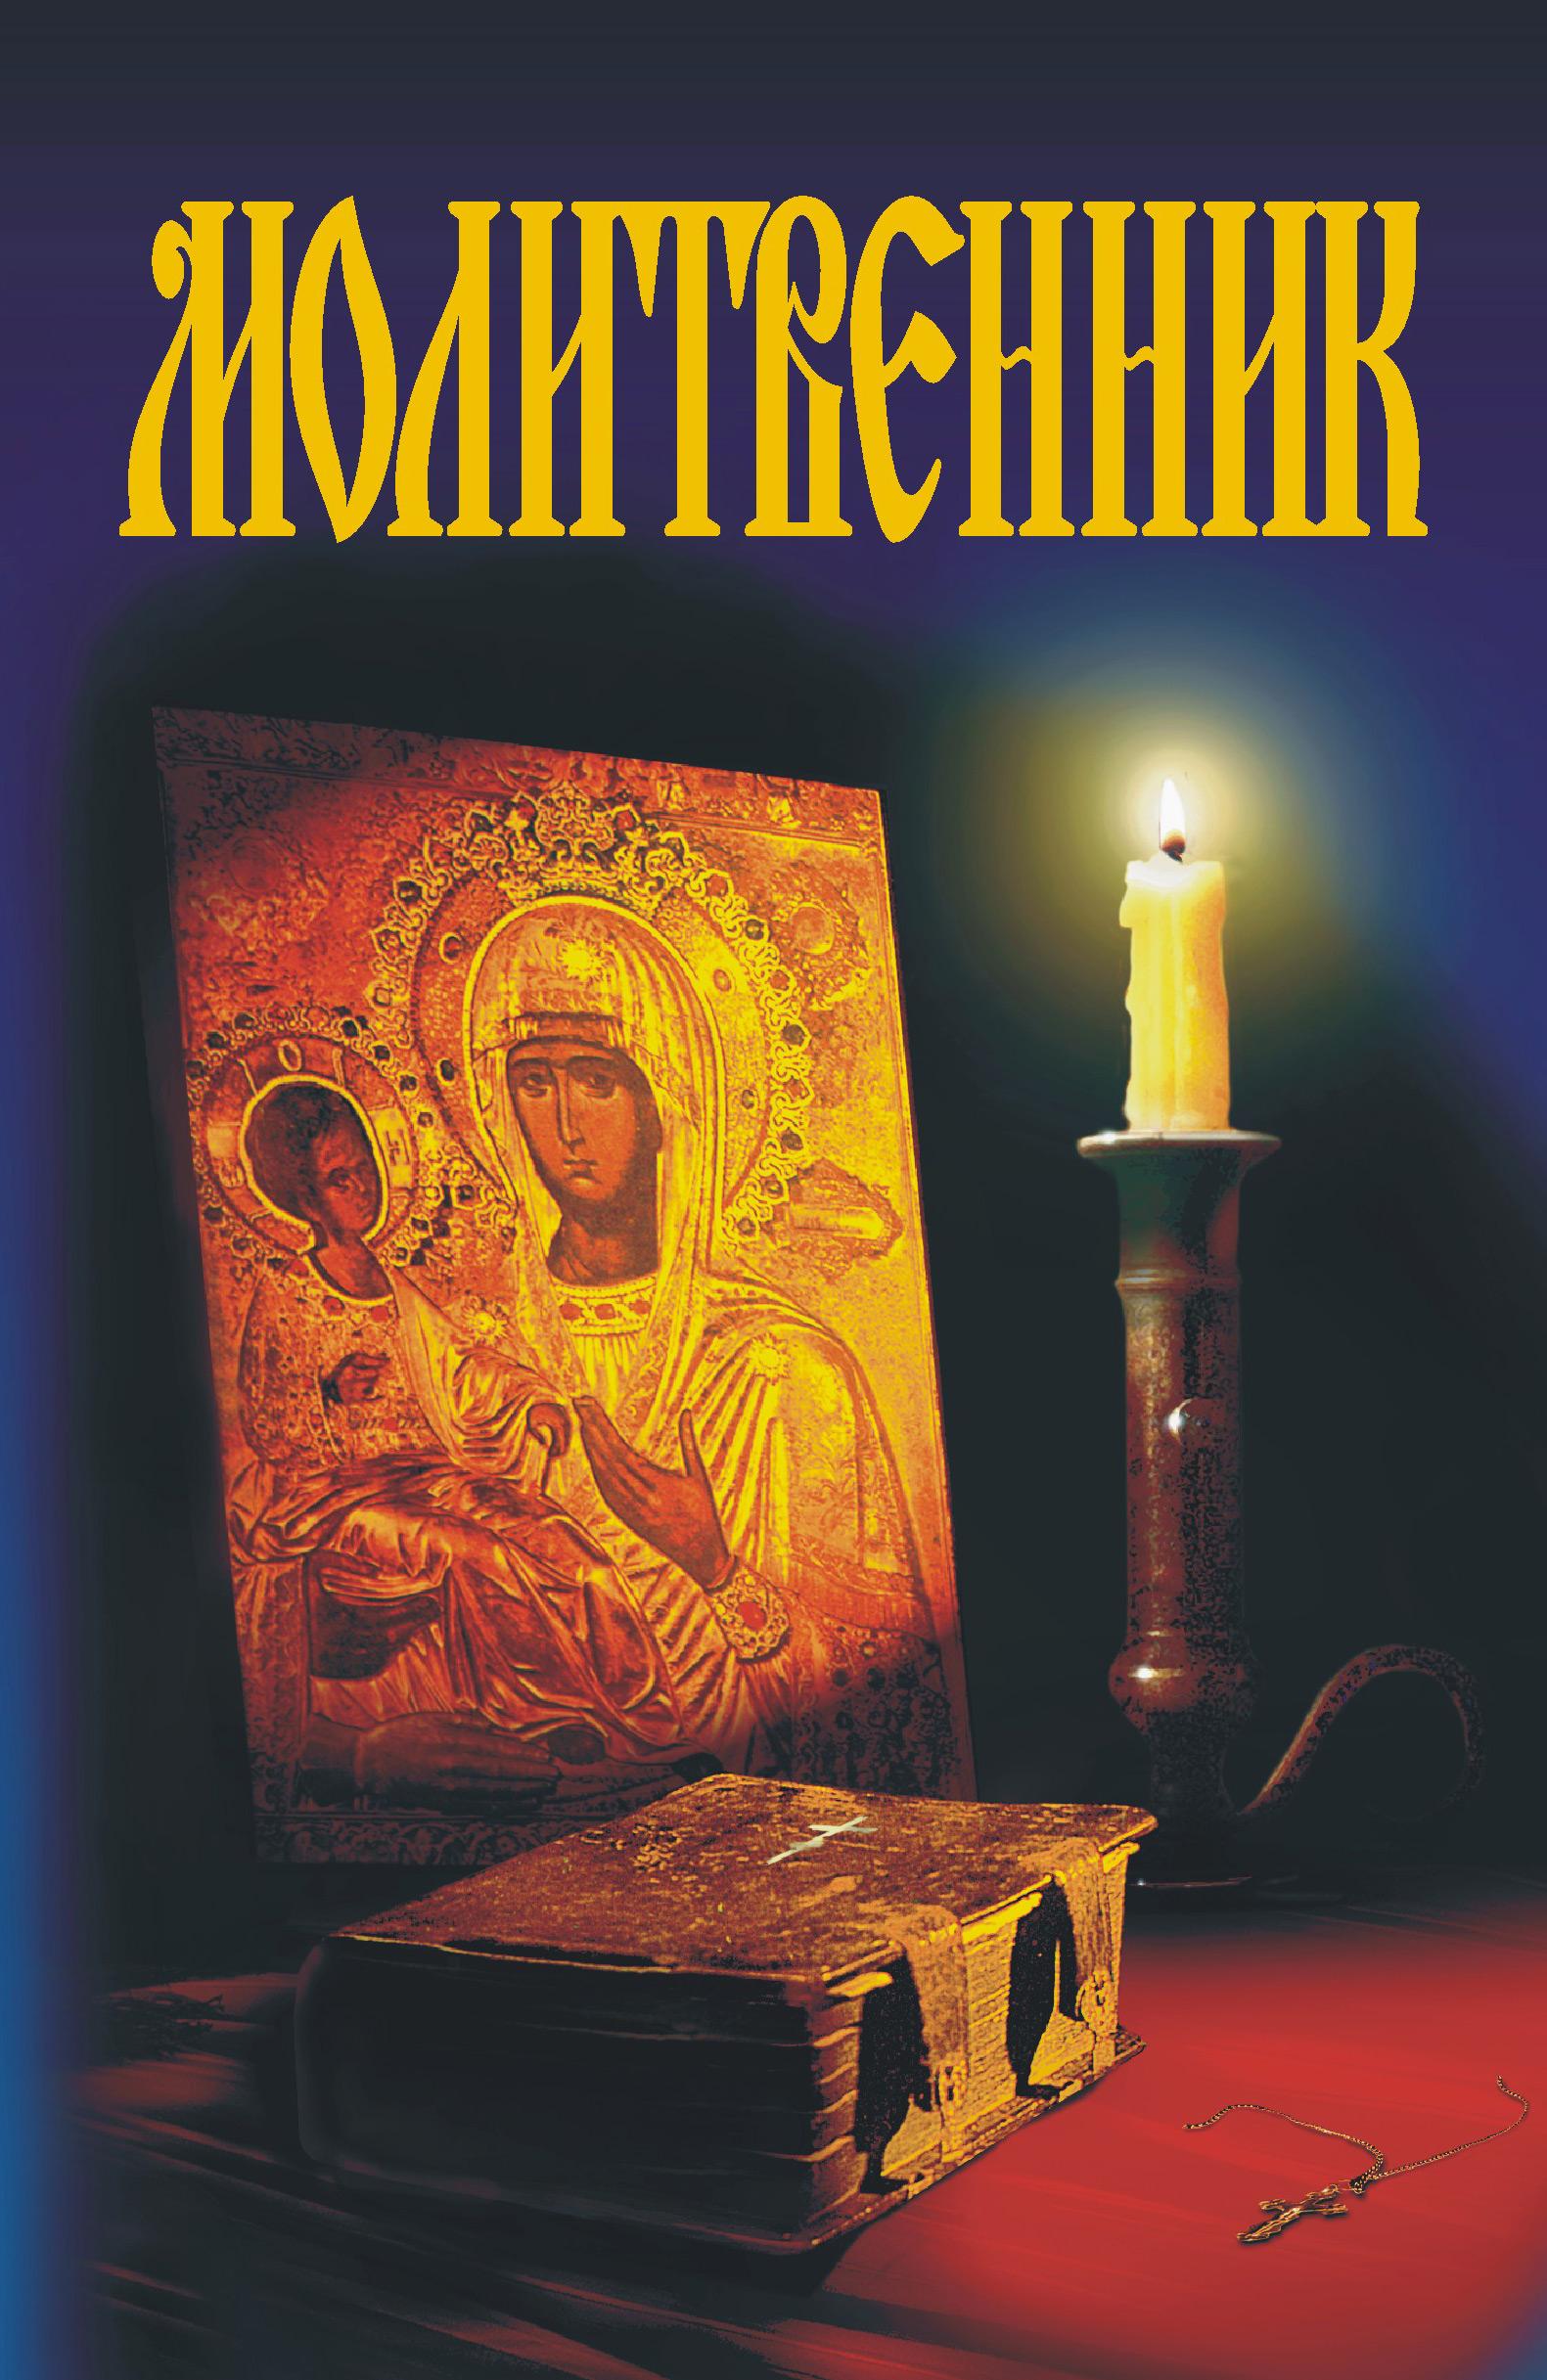 Отсутствует Молитвенник халлесби о молитва